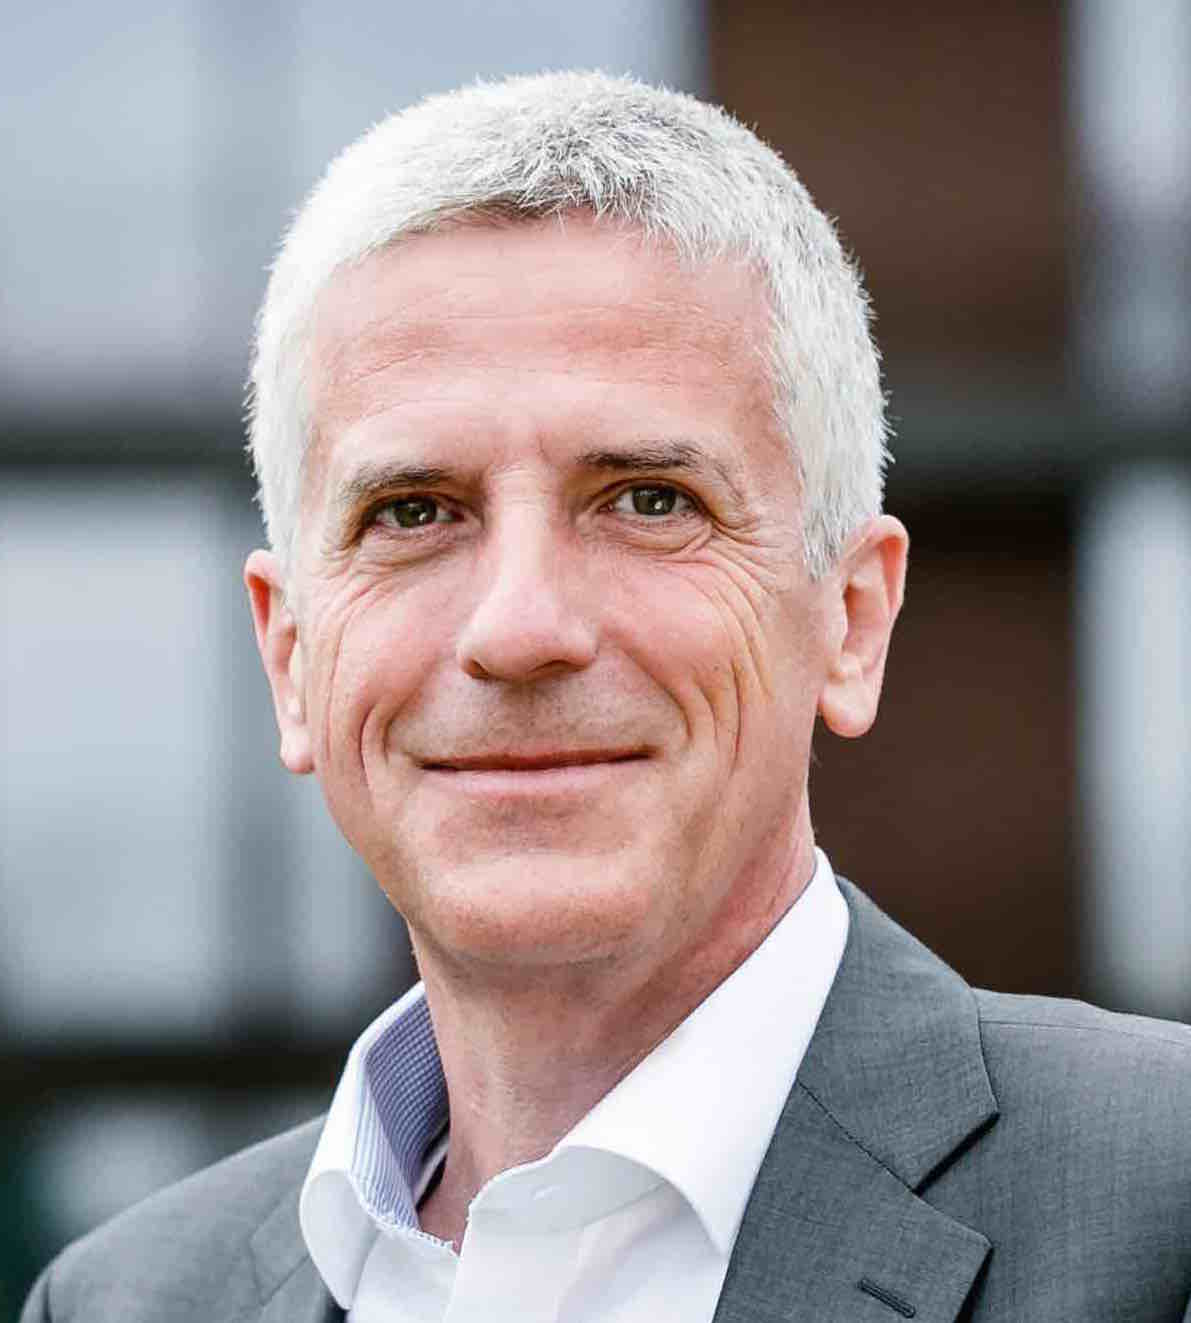 Matthias Mölleney